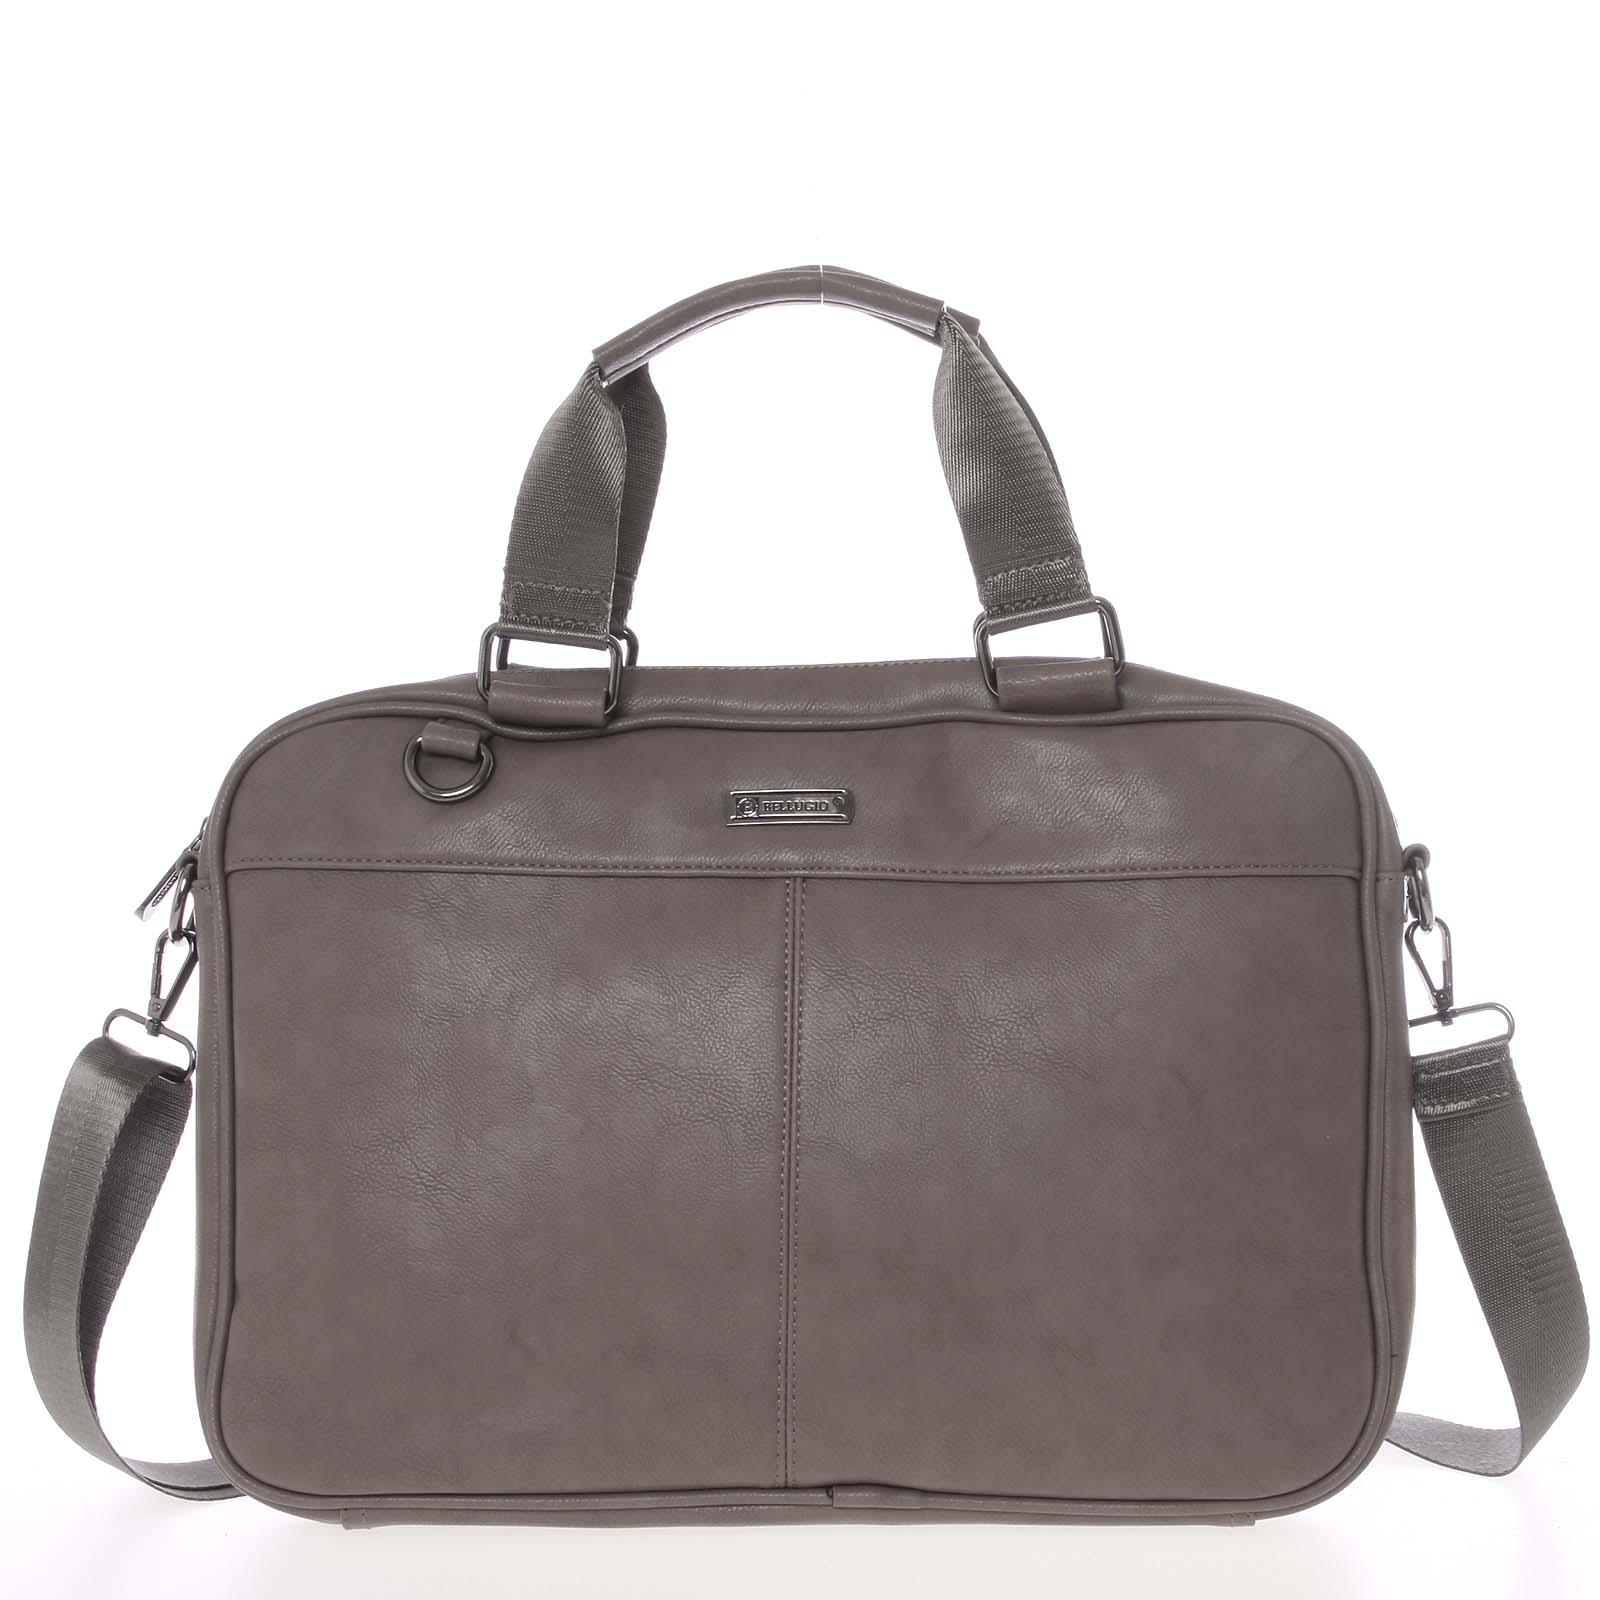 Měkká taška na spisy a notebook tmavá taupe - Bellugio Maris